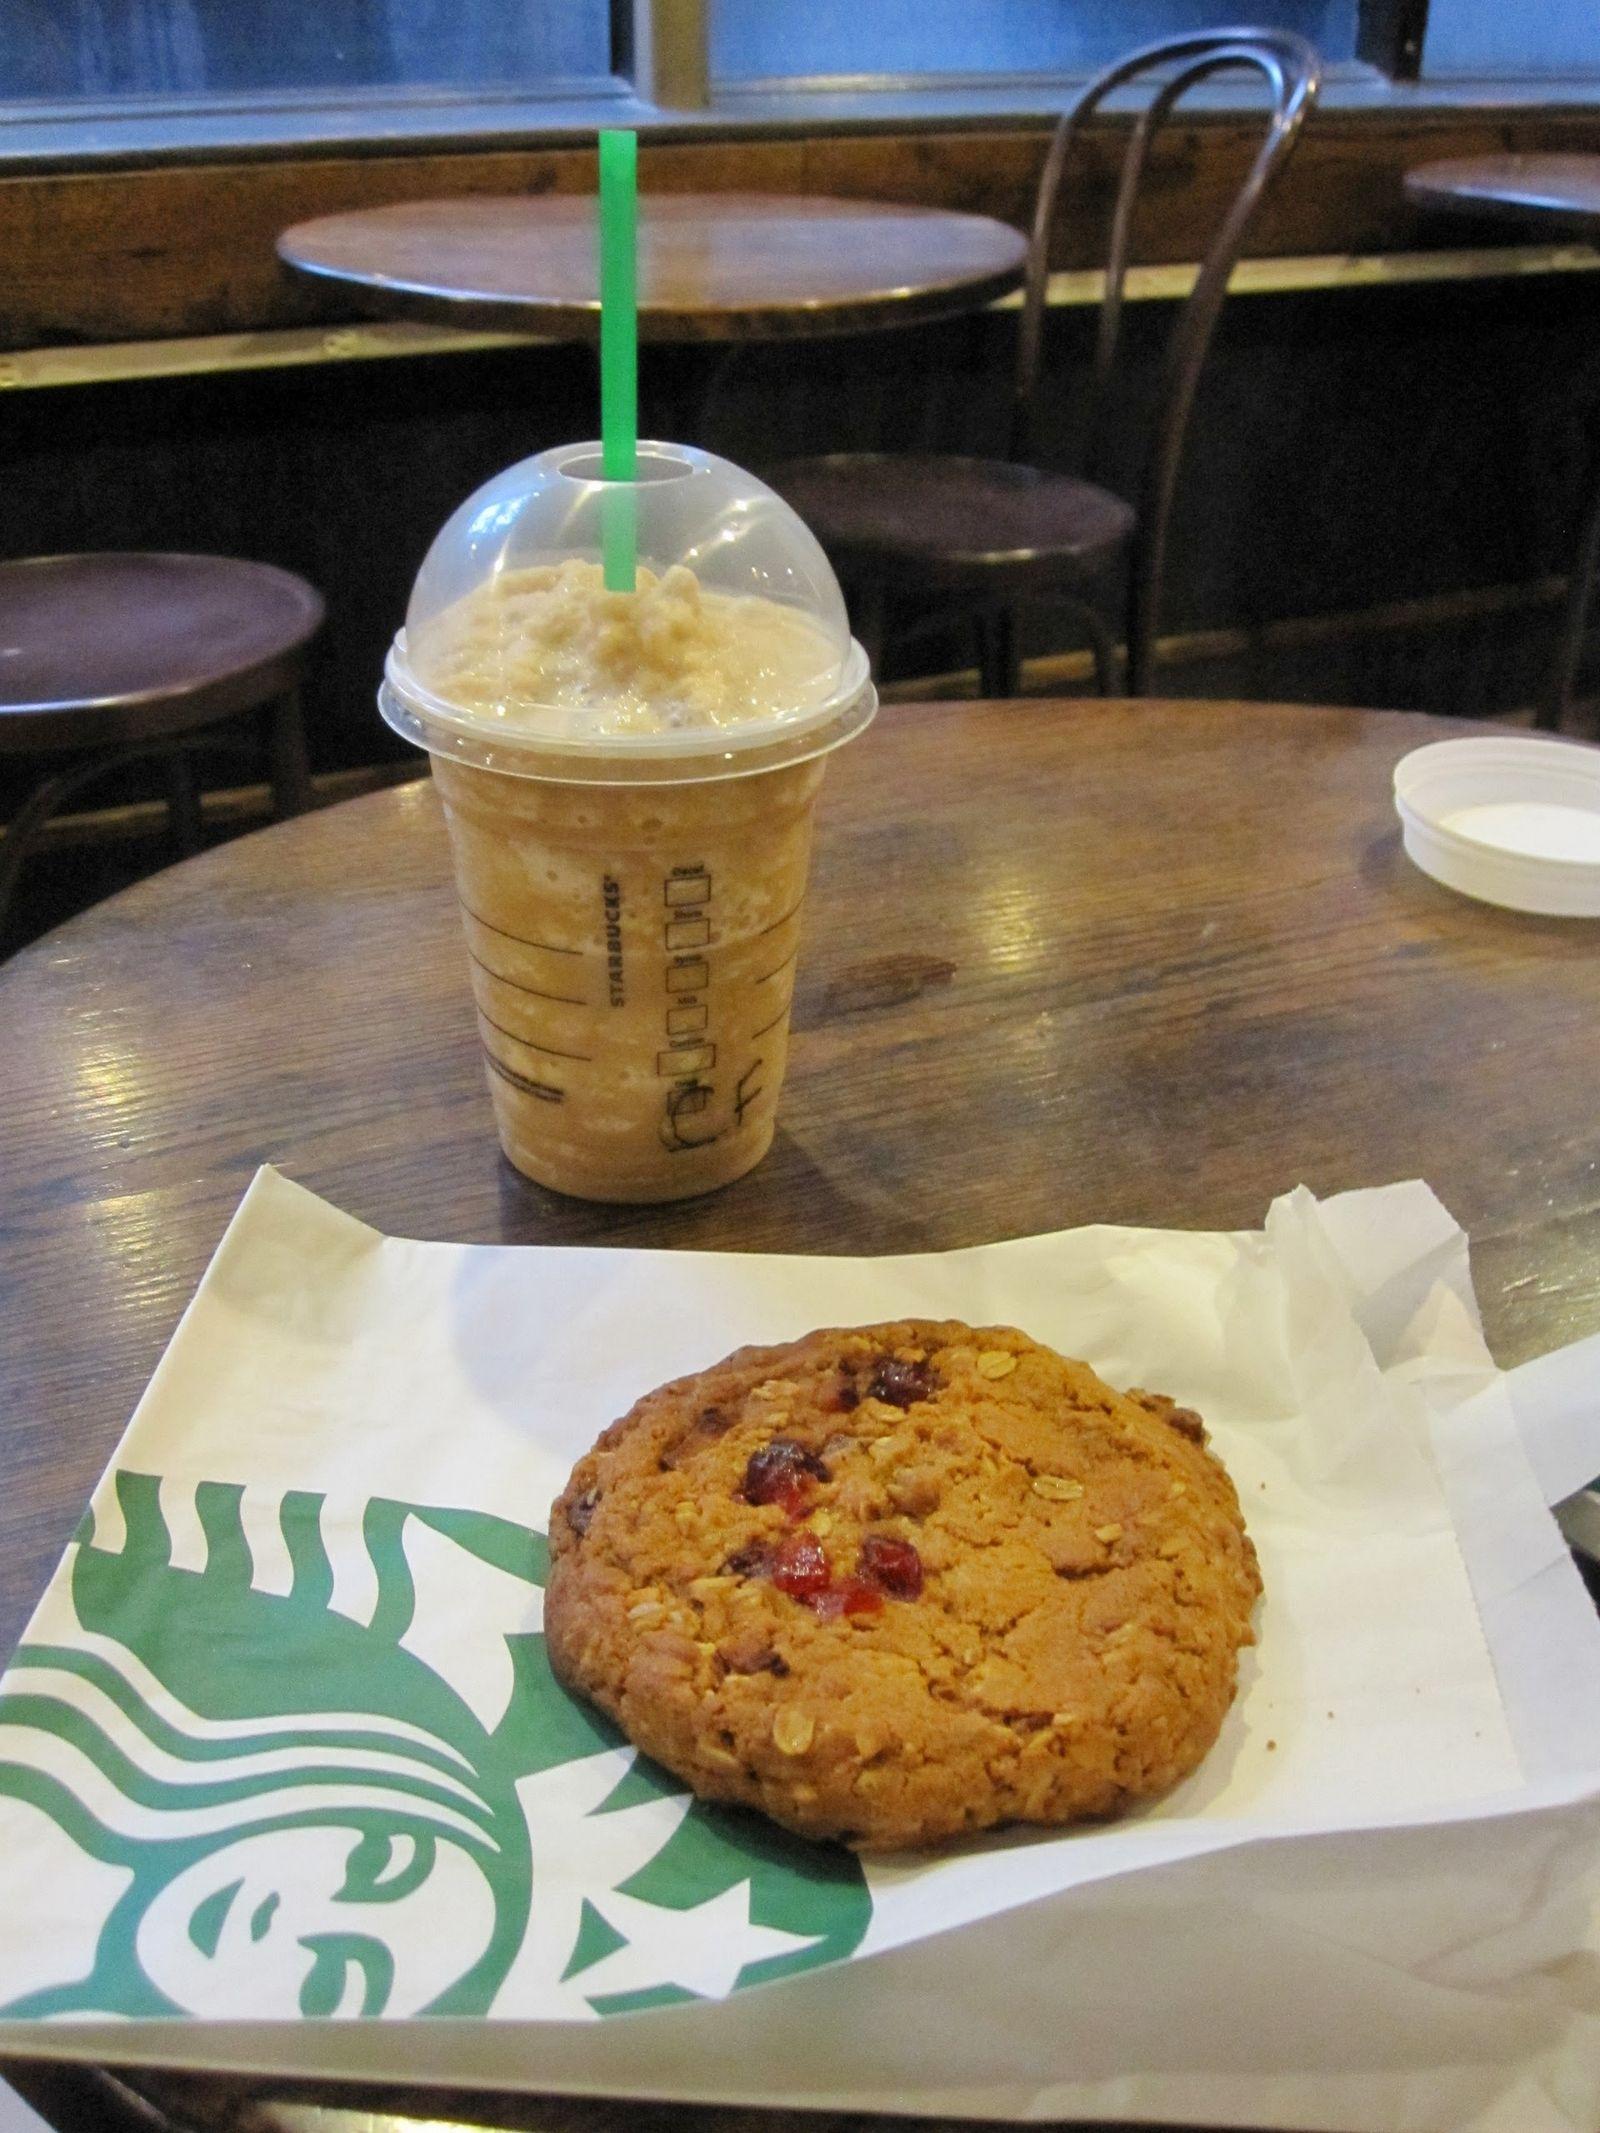 Si pudiera desayunar siempre en Starbucks sería mi ruina